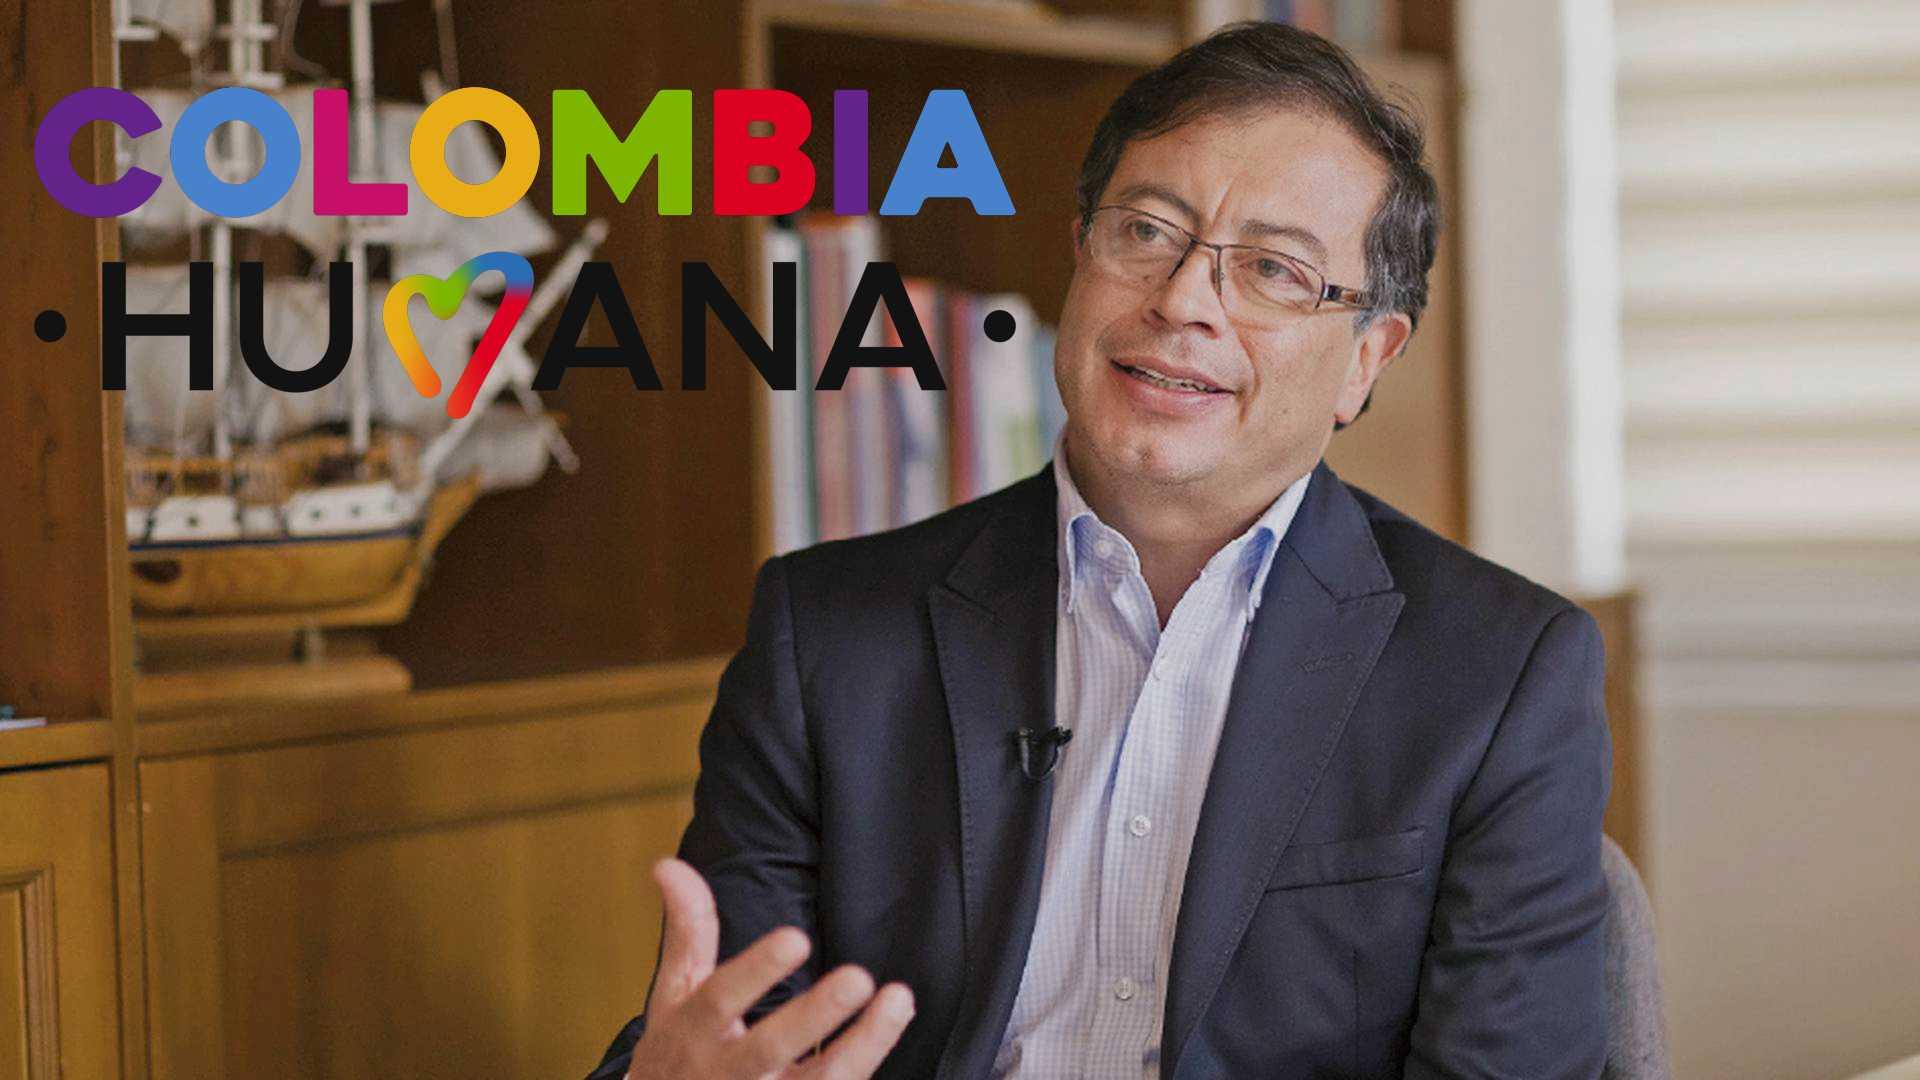 TESTIGO ELECTORAL DE LA COLOMBIA HUMANA DE GUSTAVO PETRO